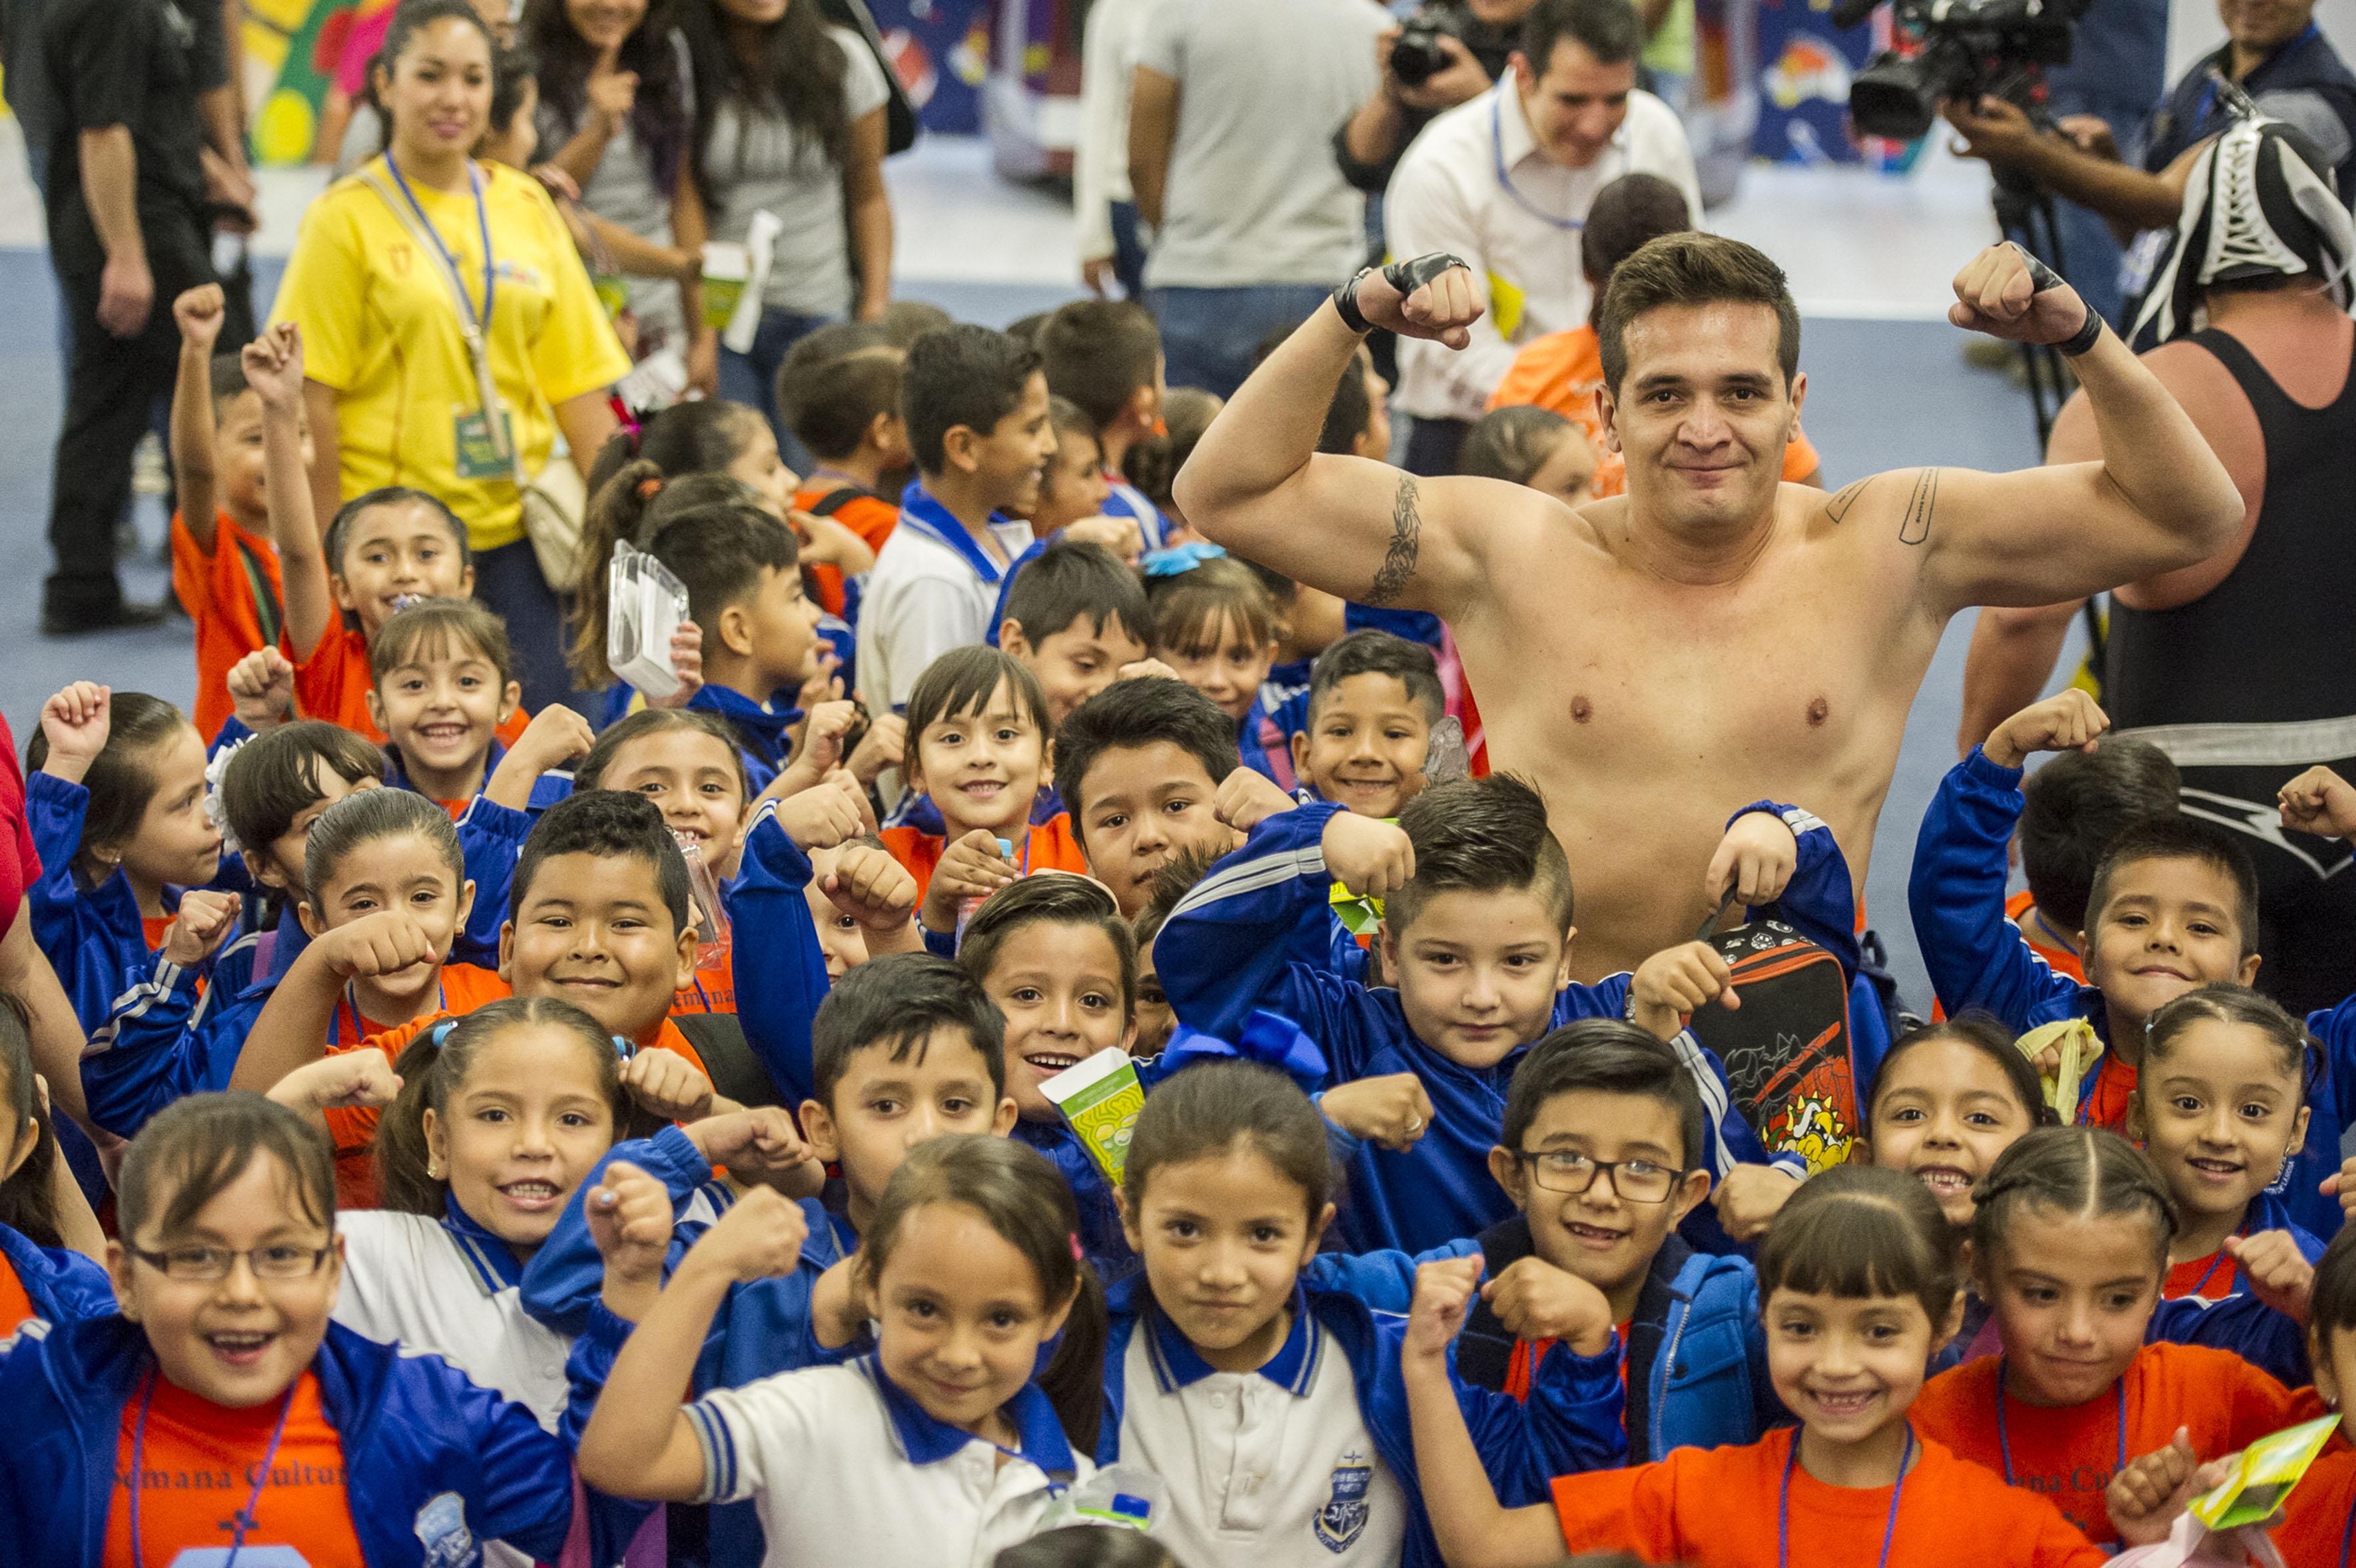 Niños escolares asistentes a Papirolas 2017, alzando sus brazos a lo alto en señal de fuerza, al conjunto e imitación del deportista luchador.